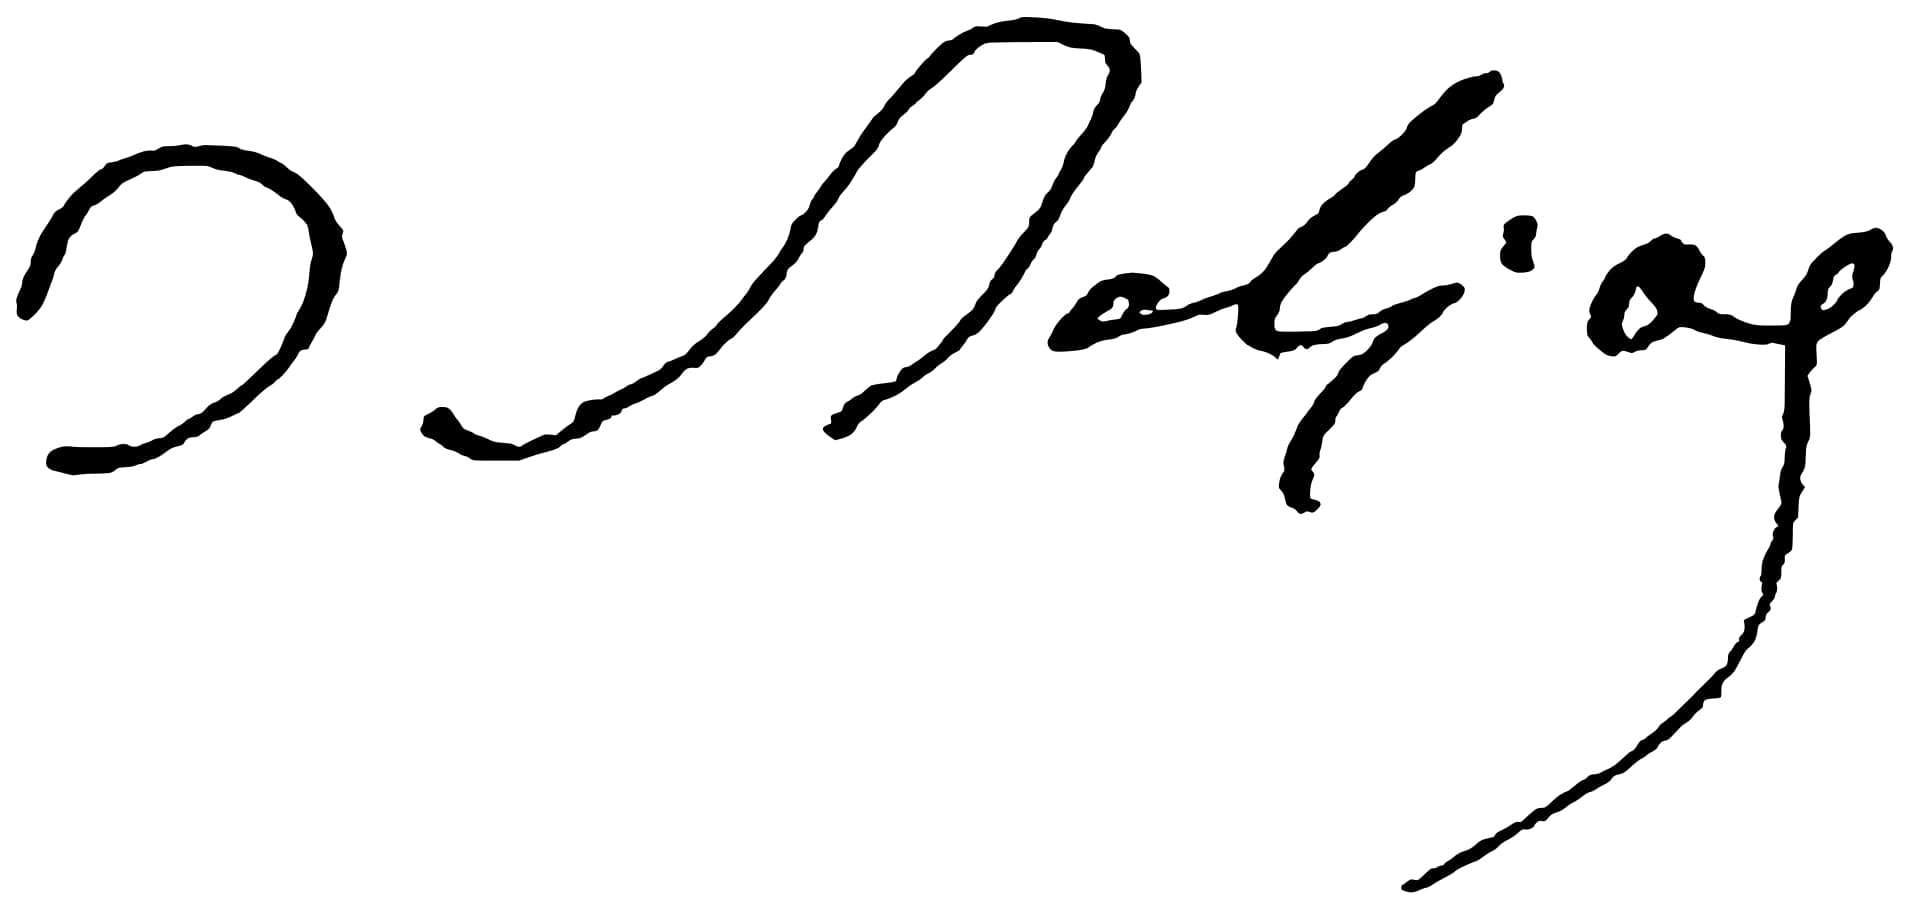 Honoré de Balzac Signature